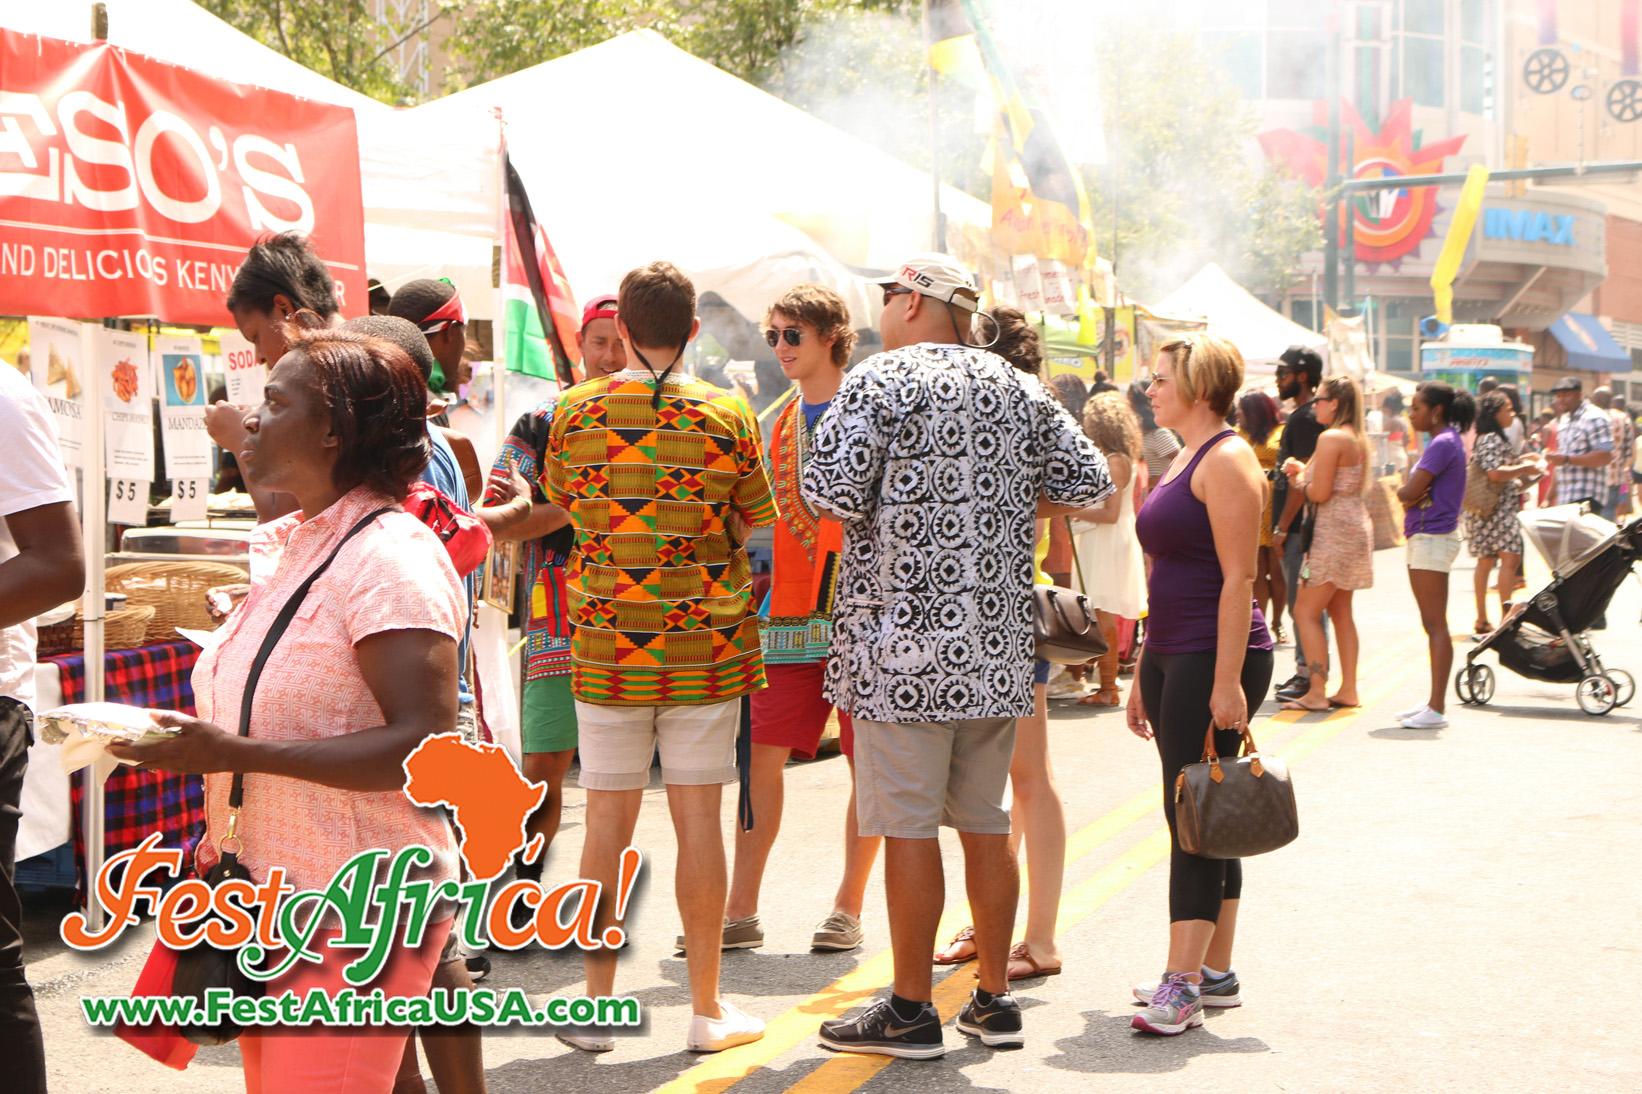 FestAfricaUSA.com